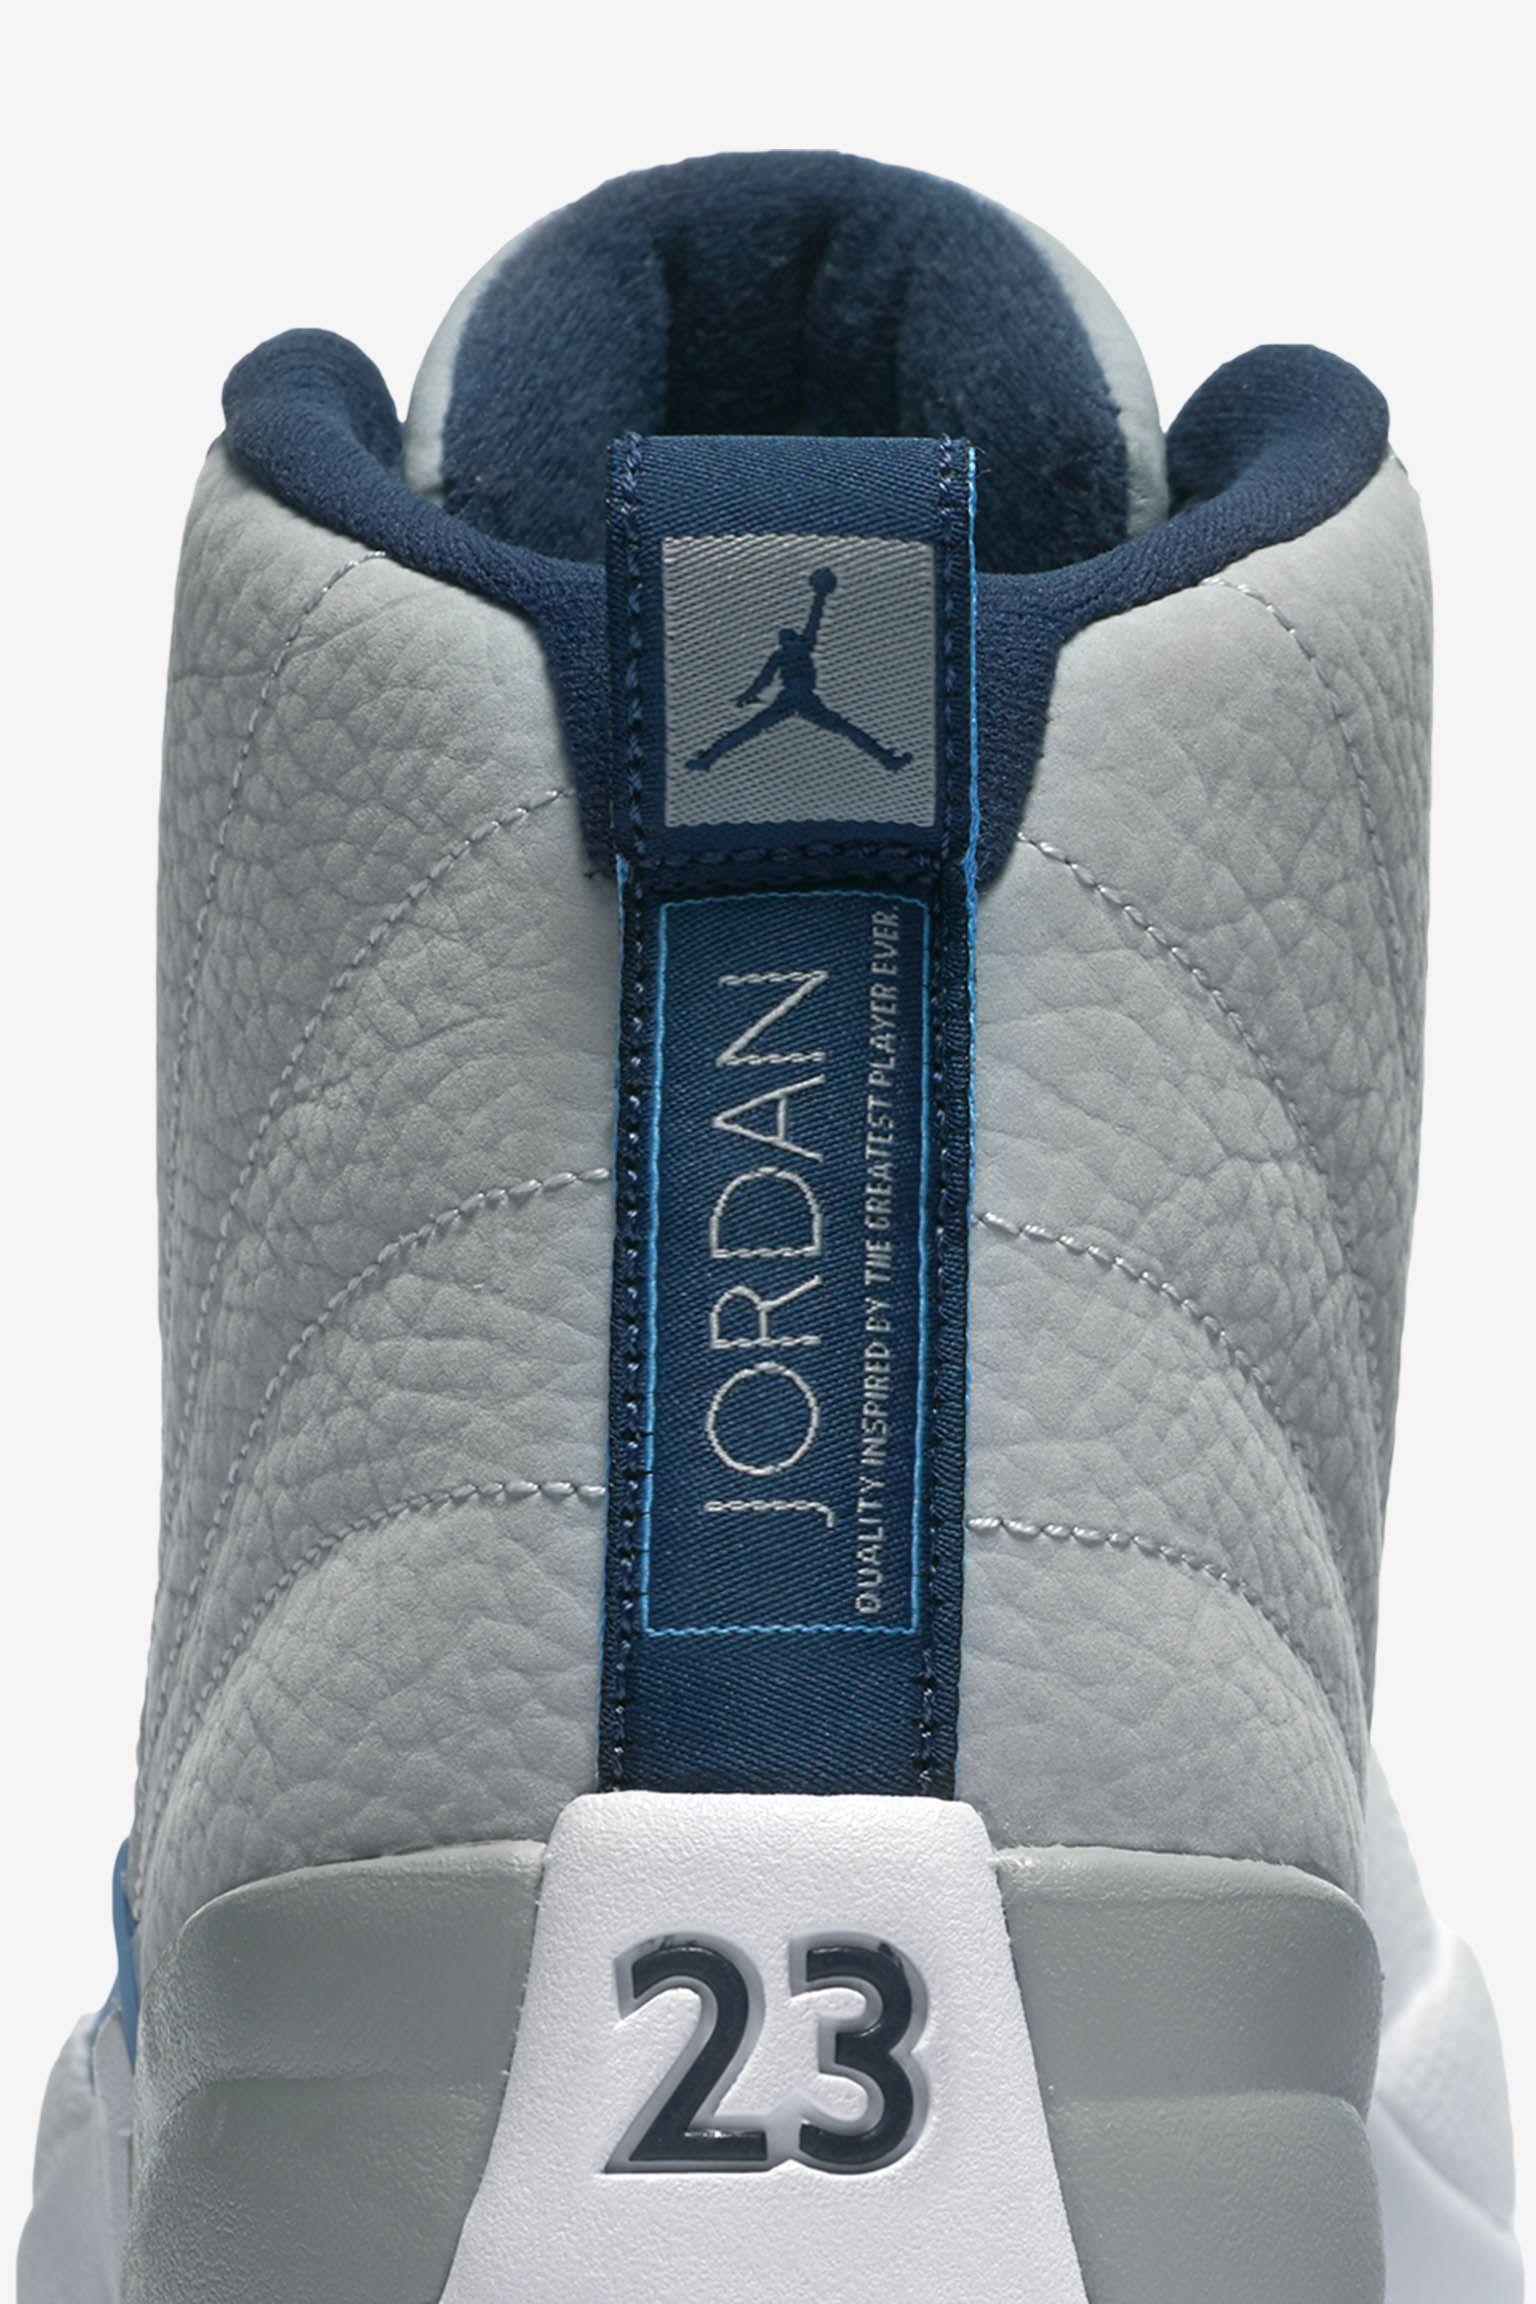 Air Jordan 12 'Top of Class' Release Date